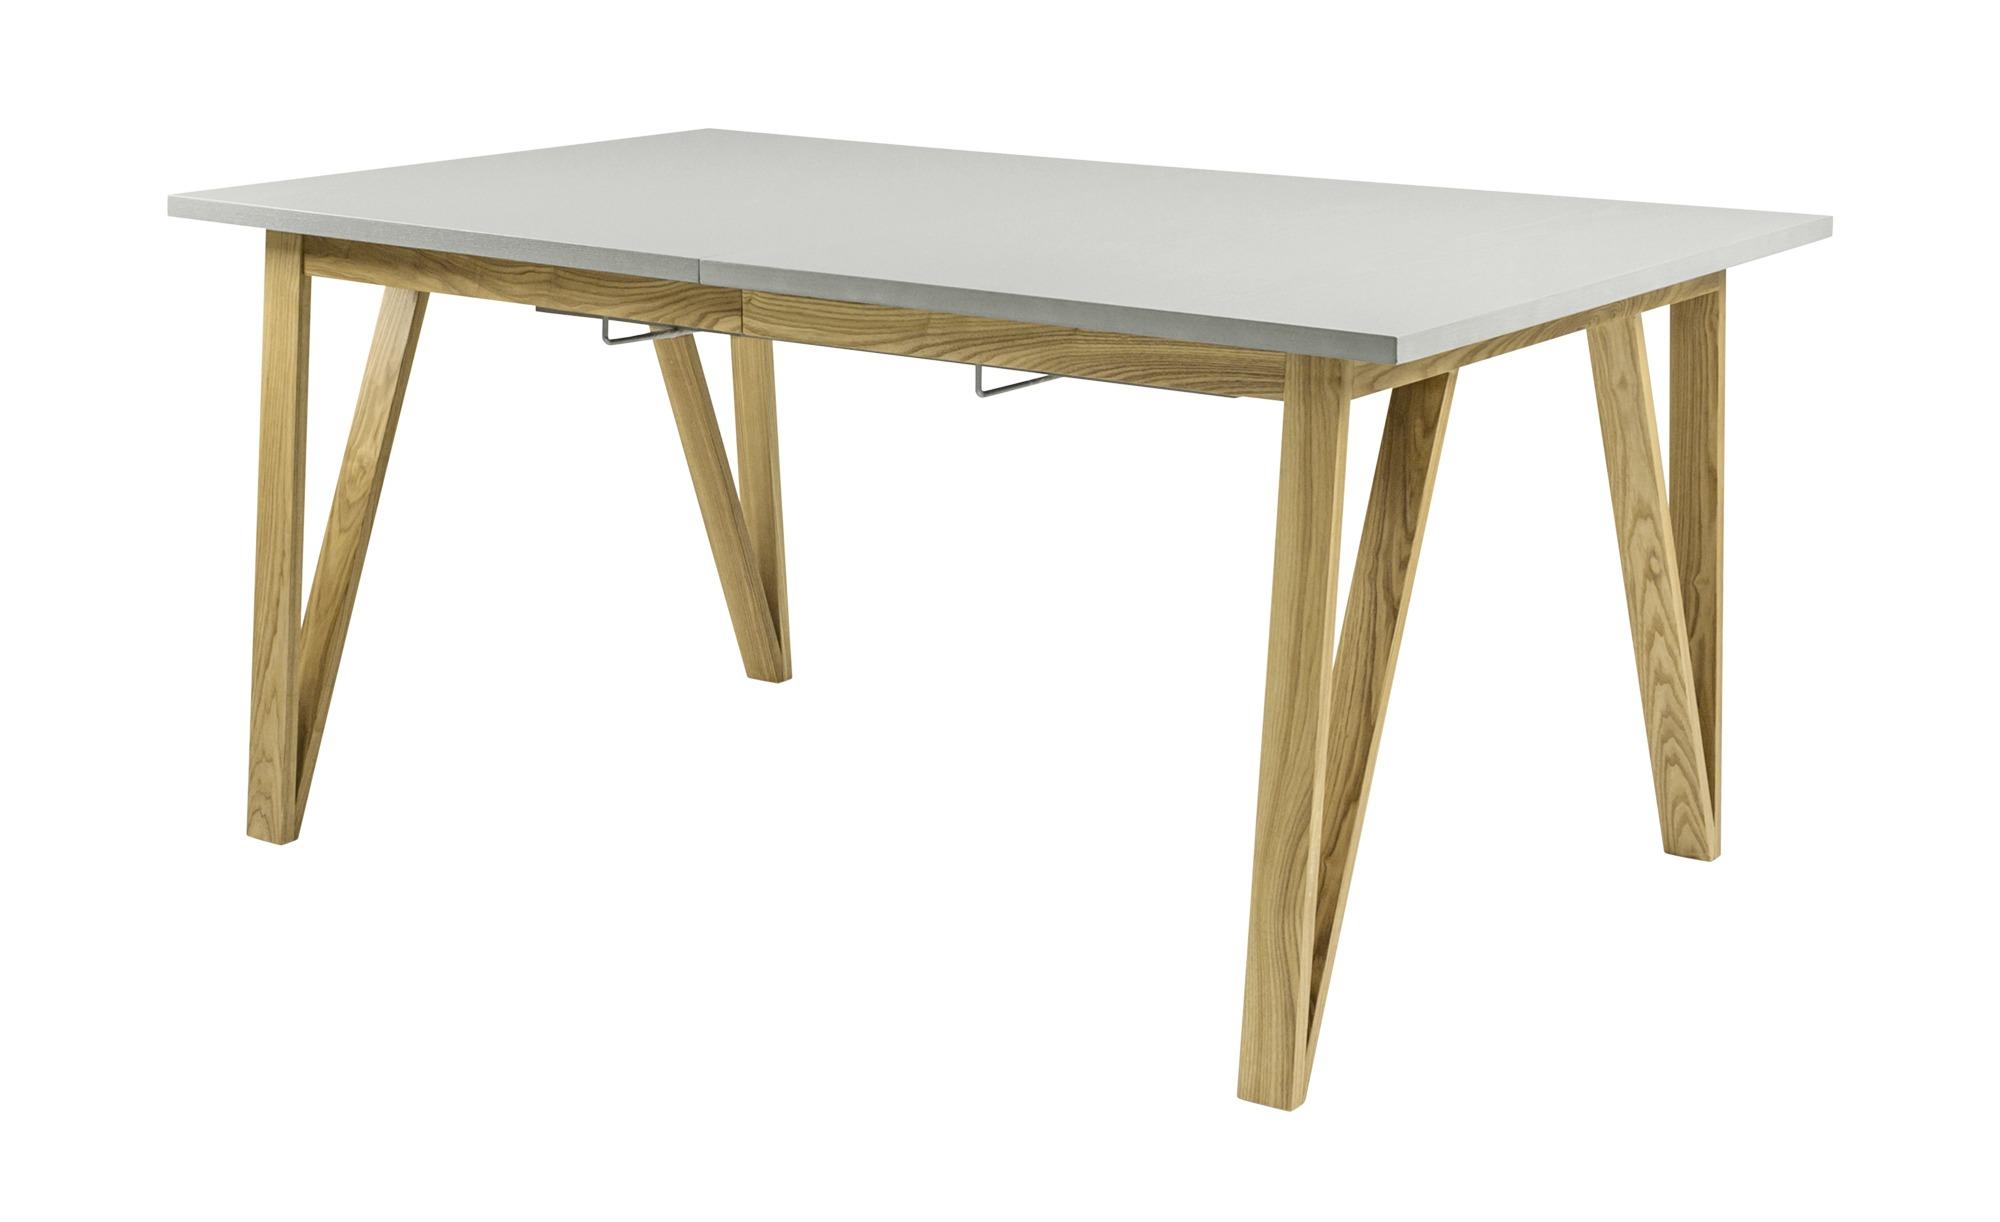 Esstisch mit Ausziehfunktion  Lorens ¦ grau ¦ Maße (cm): B: 75 H: 95 Tische > Esstische > Esstische eckig - Höffner